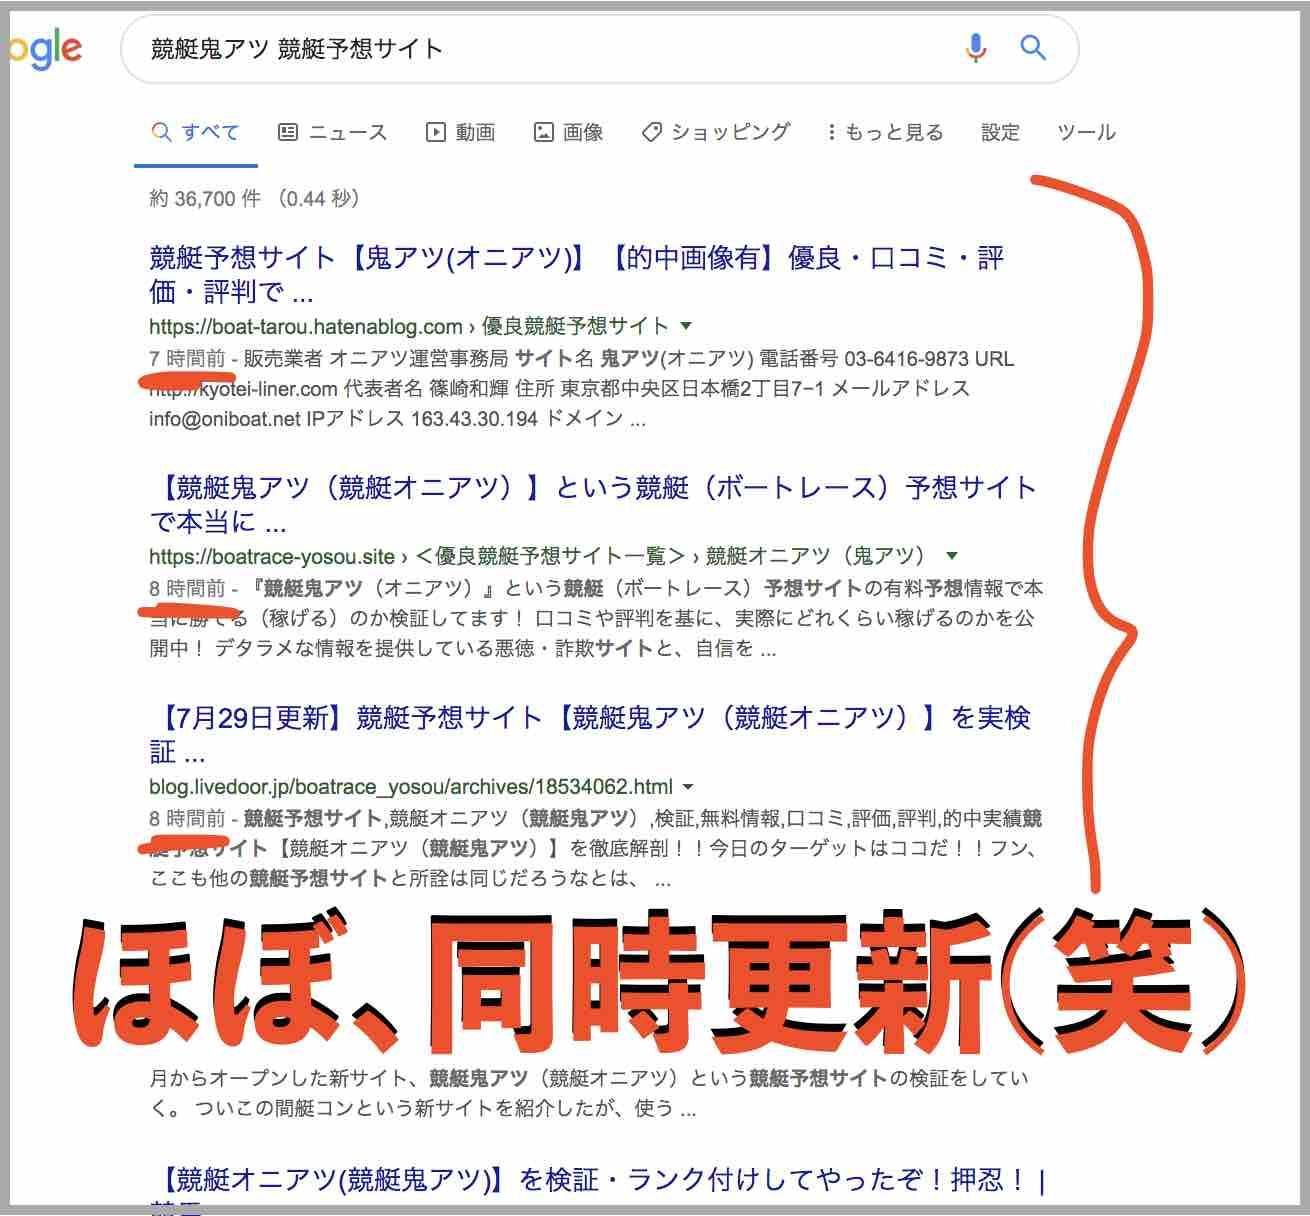 競艇鬼アツ(競艇オニアツ)という競艇予想サイトをいつの間に評価するブロガーサイト